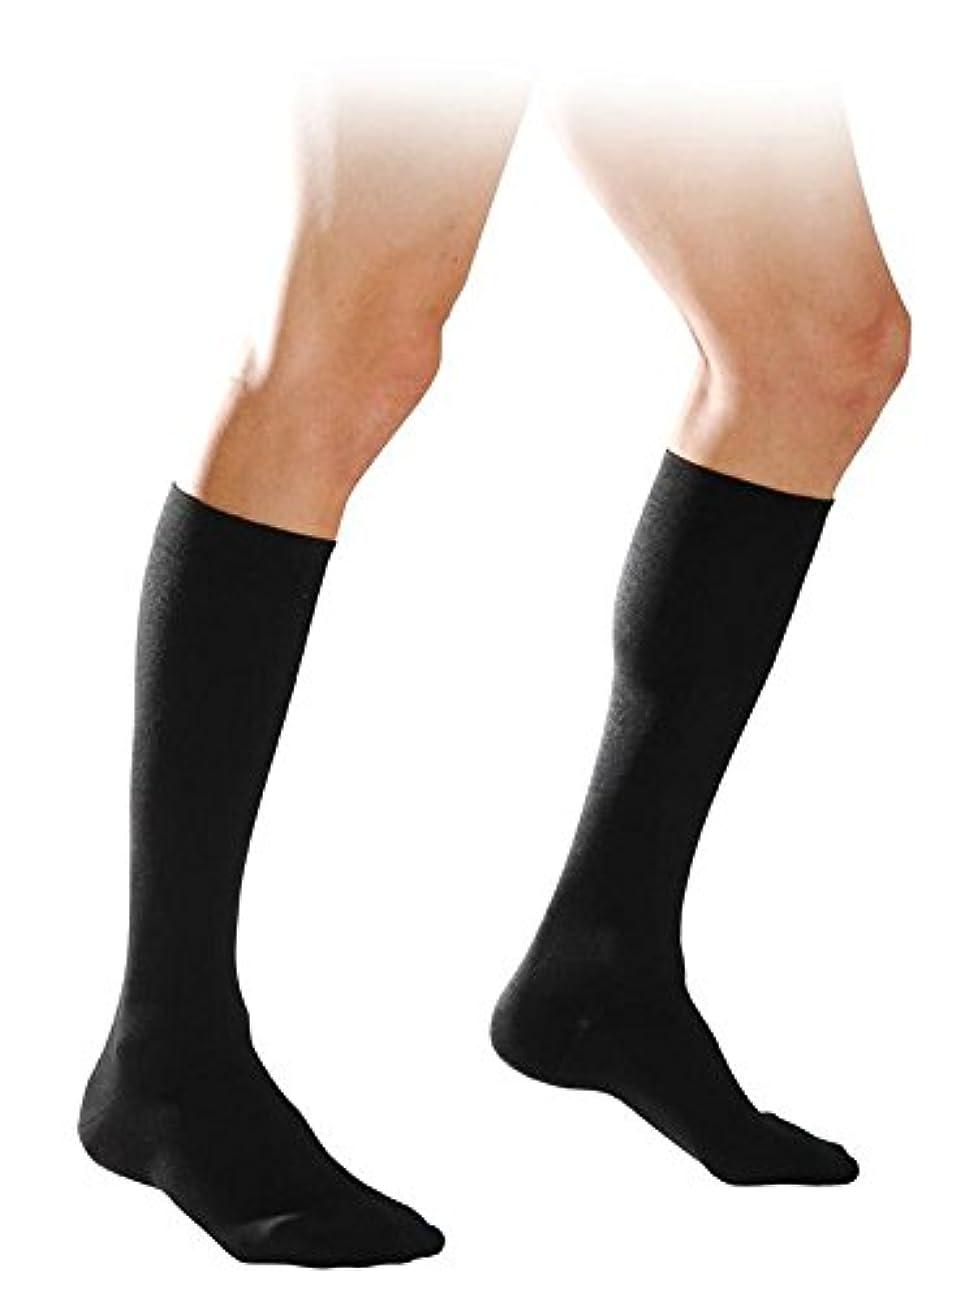 スペルキノコちっちゃい【エコノミー症候群予防】男性用 着圧ソックス (M, ブラック)